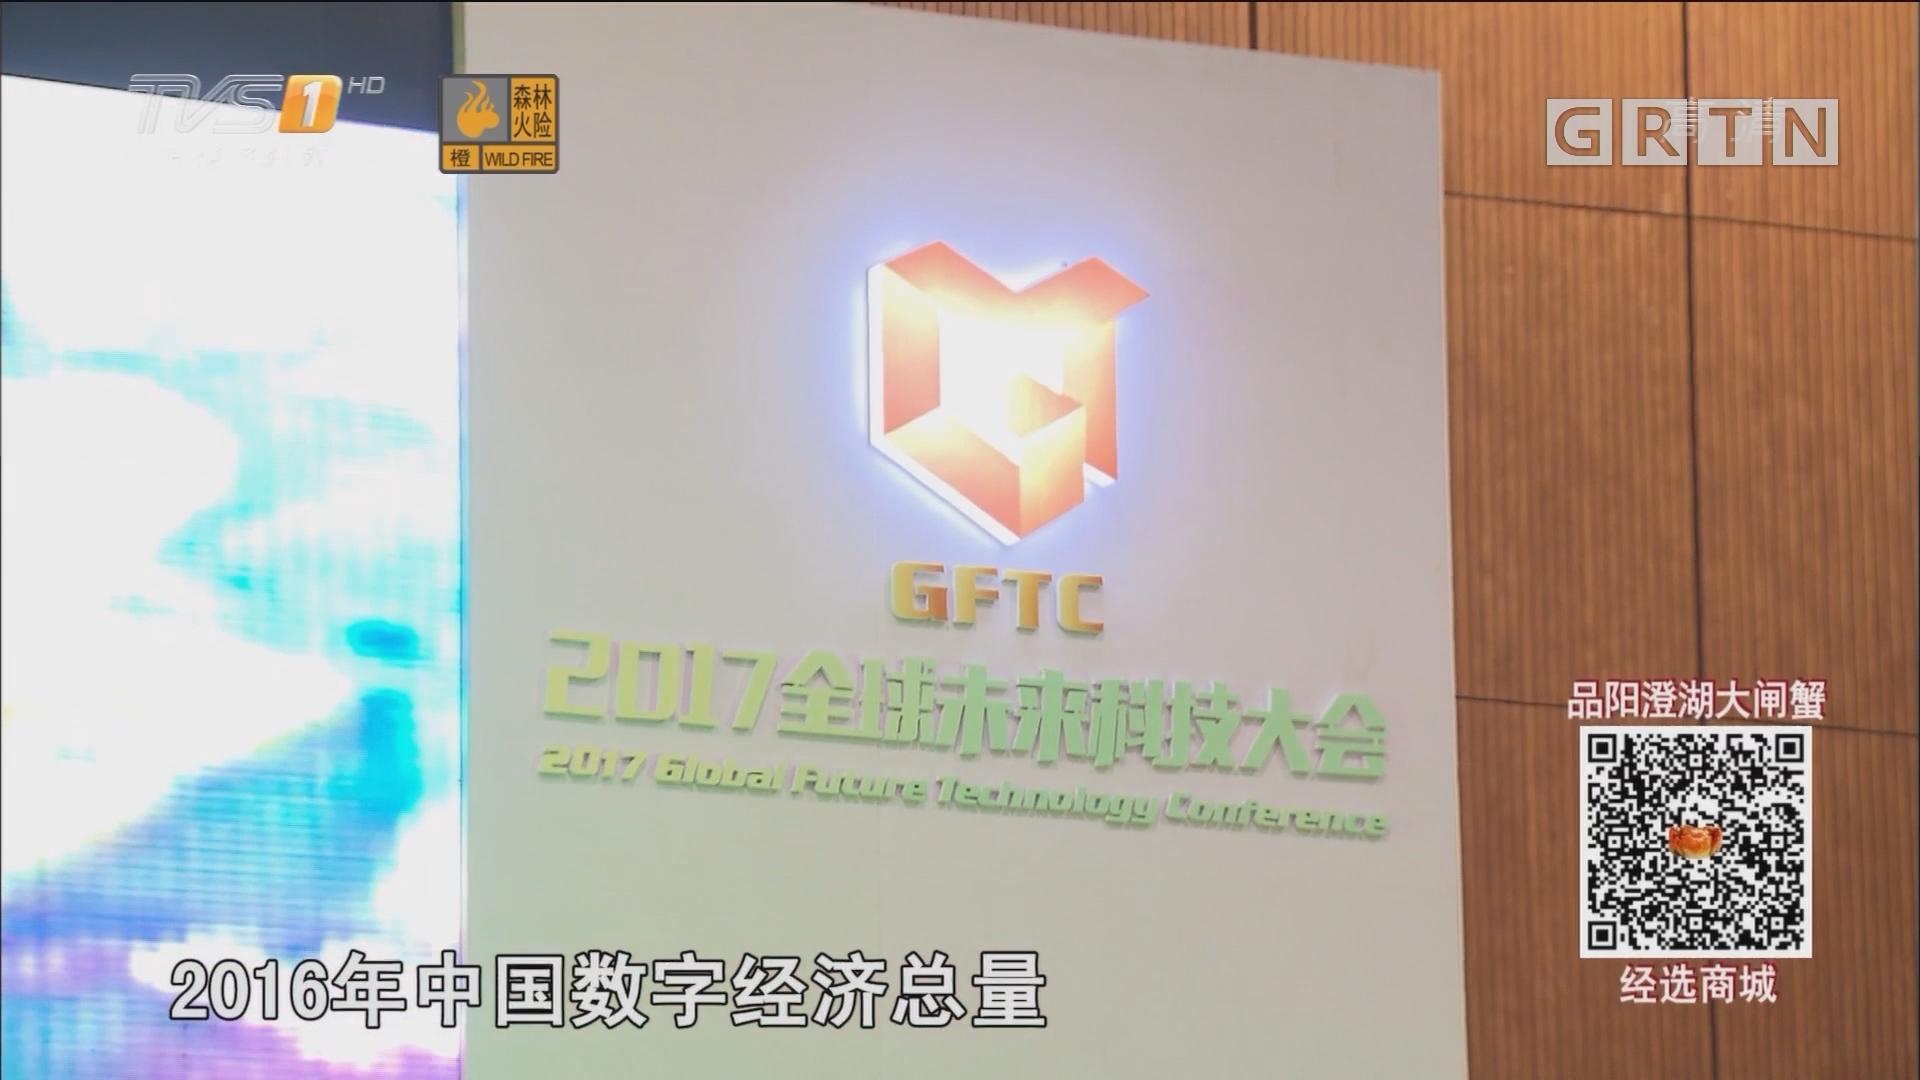 全球未来科技大会琶洲开幕 体验下个十年智能生活